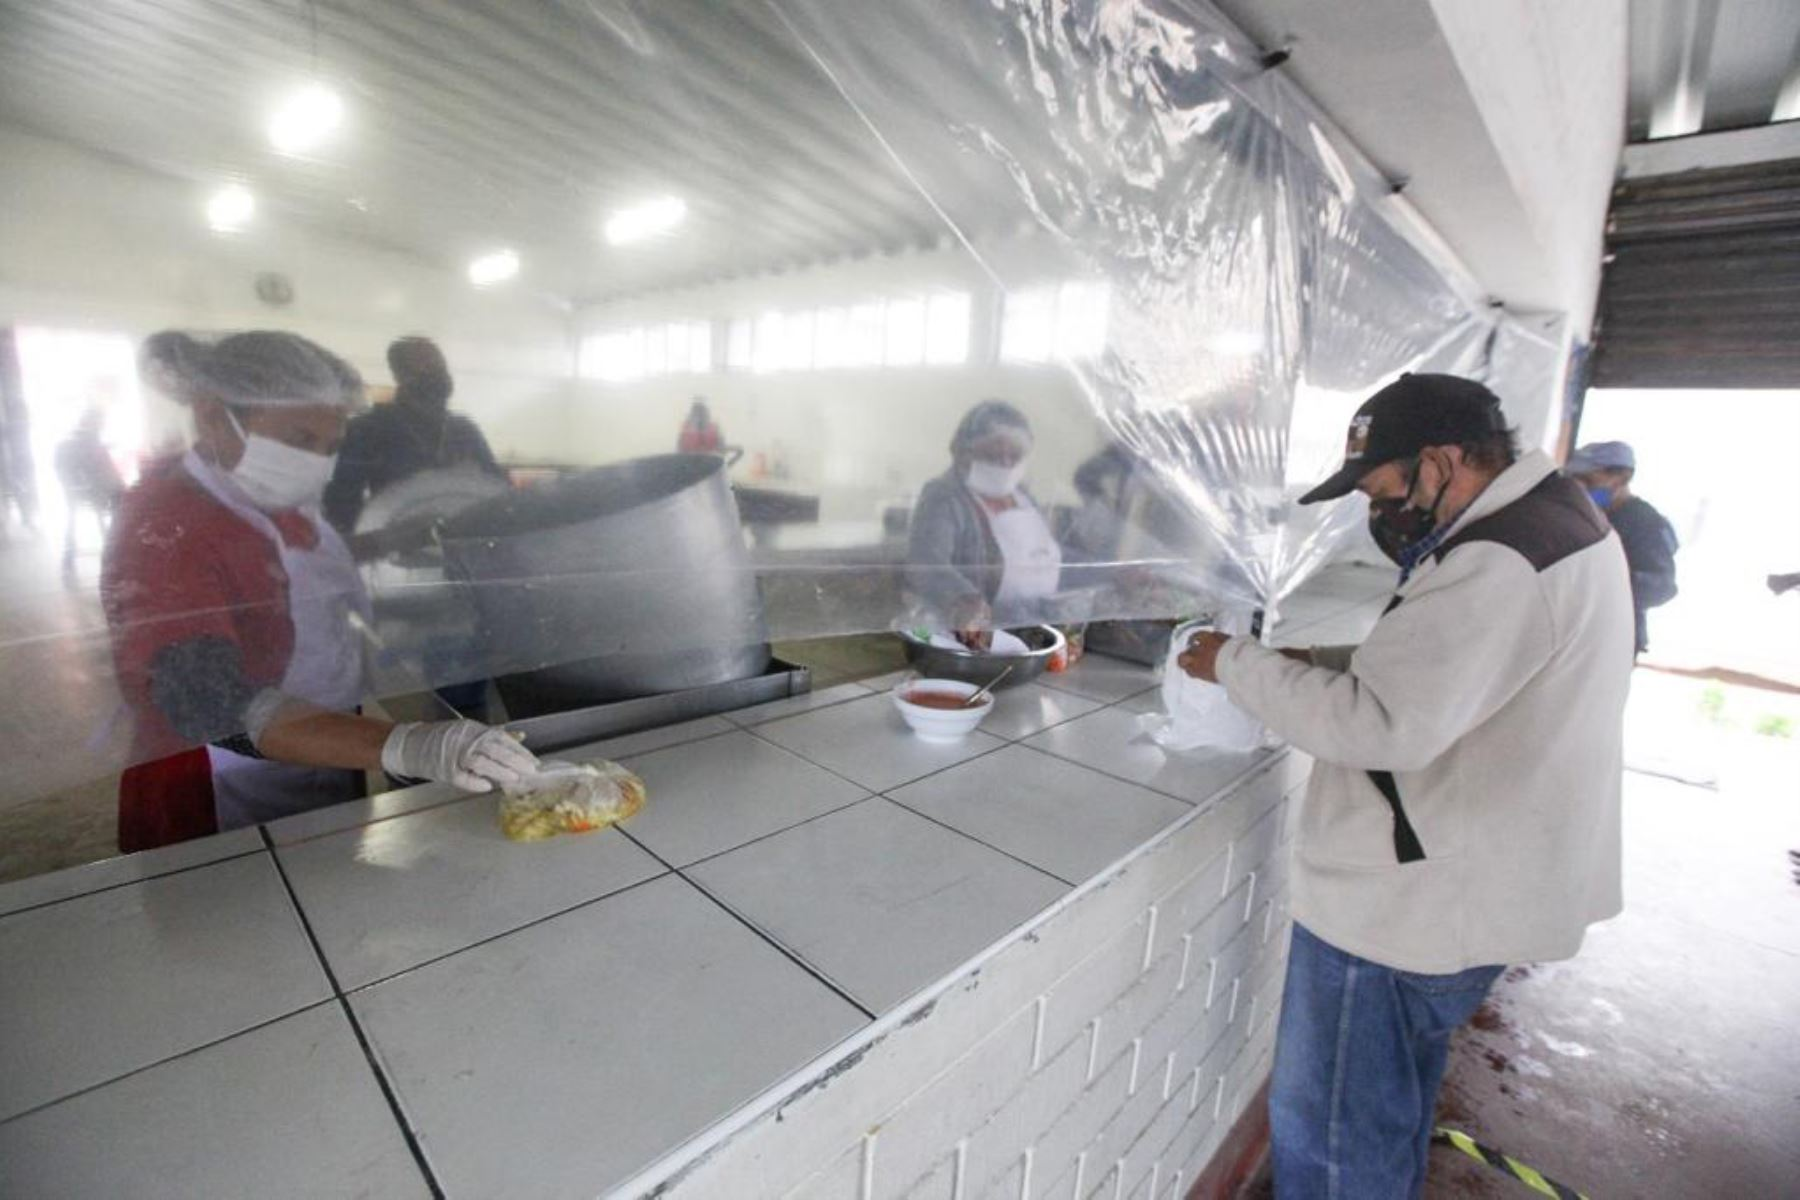 Más de 5,000 comedores a nivel nacional han retomado la atención, a puerta cerrada, luego de las medidas dadas por el Ejecutivo para proteger del contagio de la covid-19 a las socias a cargo de este servicio alimentario,. Fotos: Midis